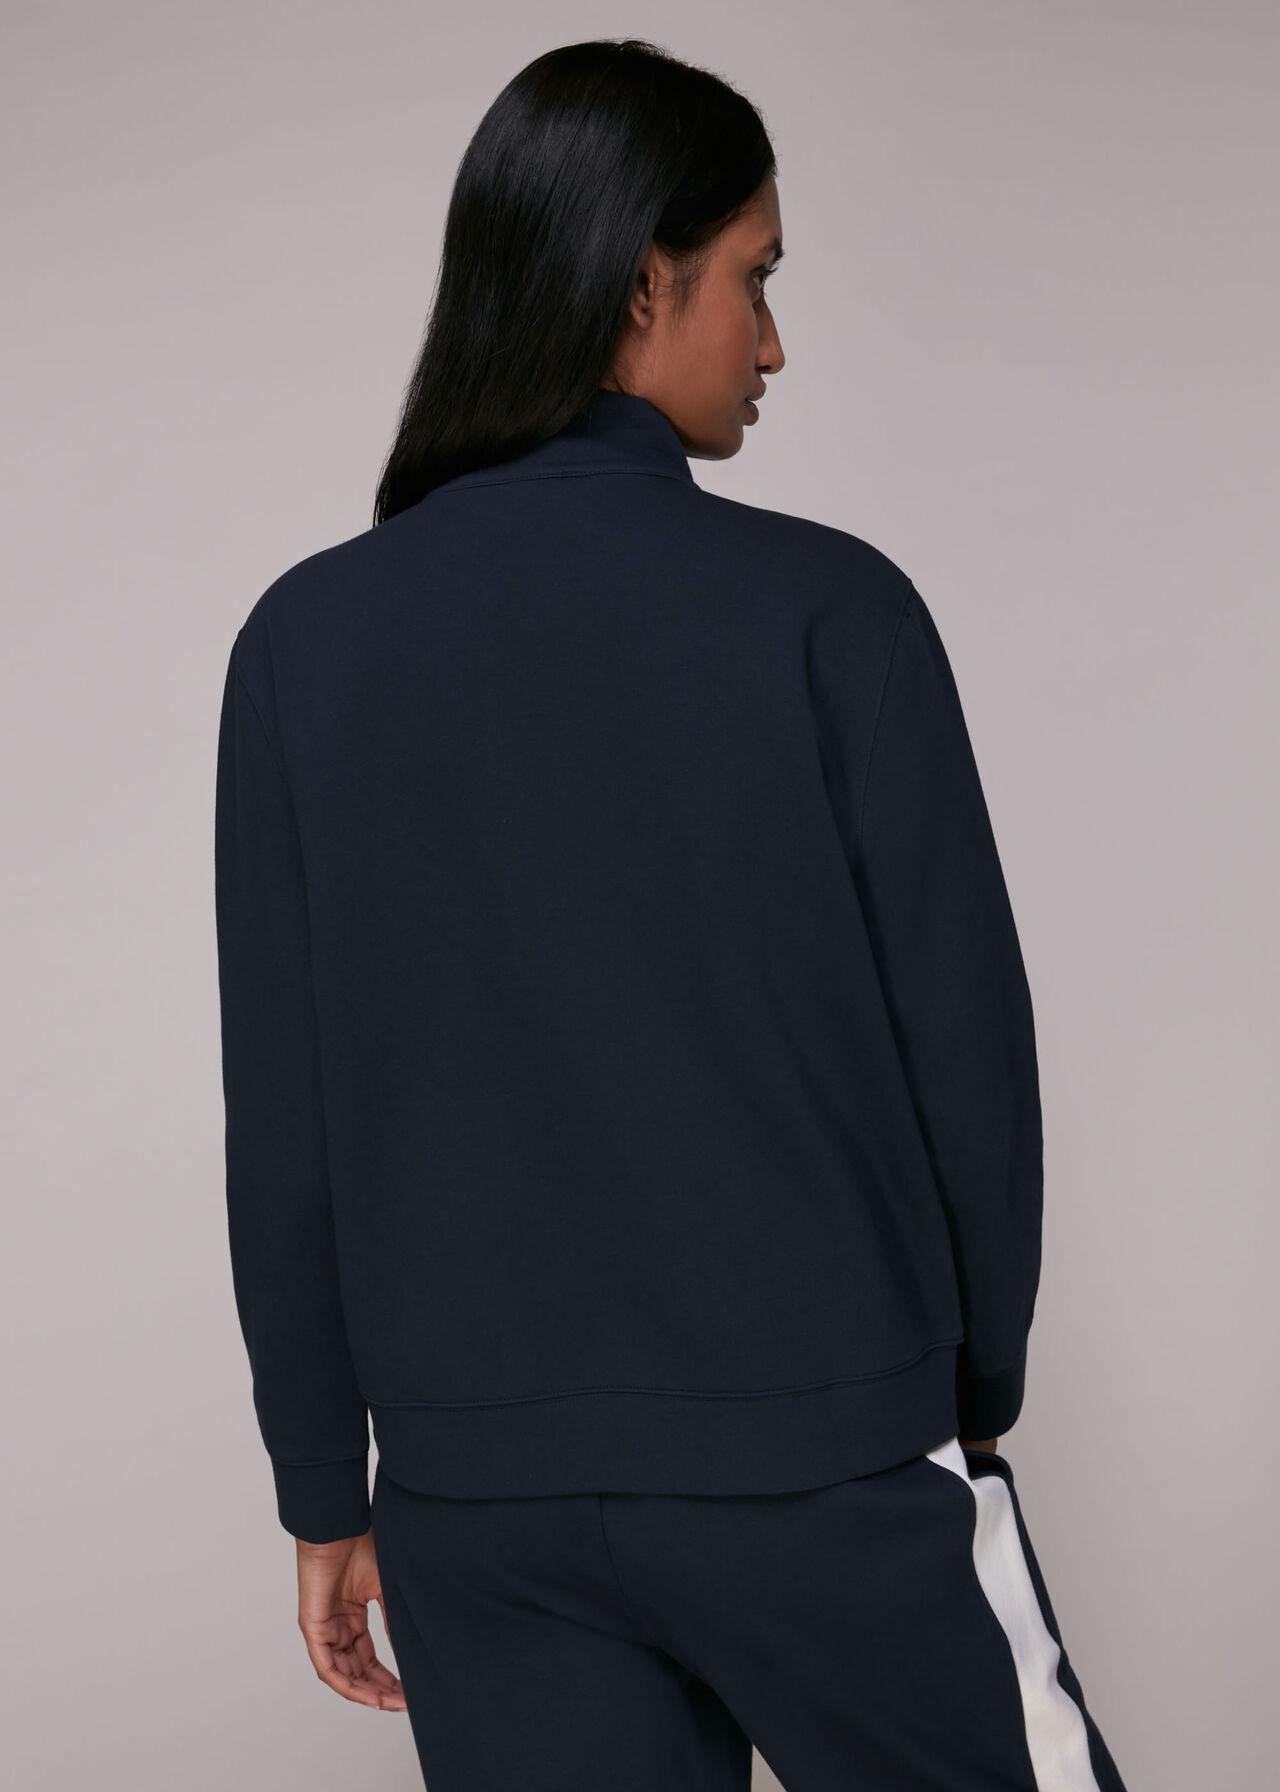 Zip Neck Sweatshirt